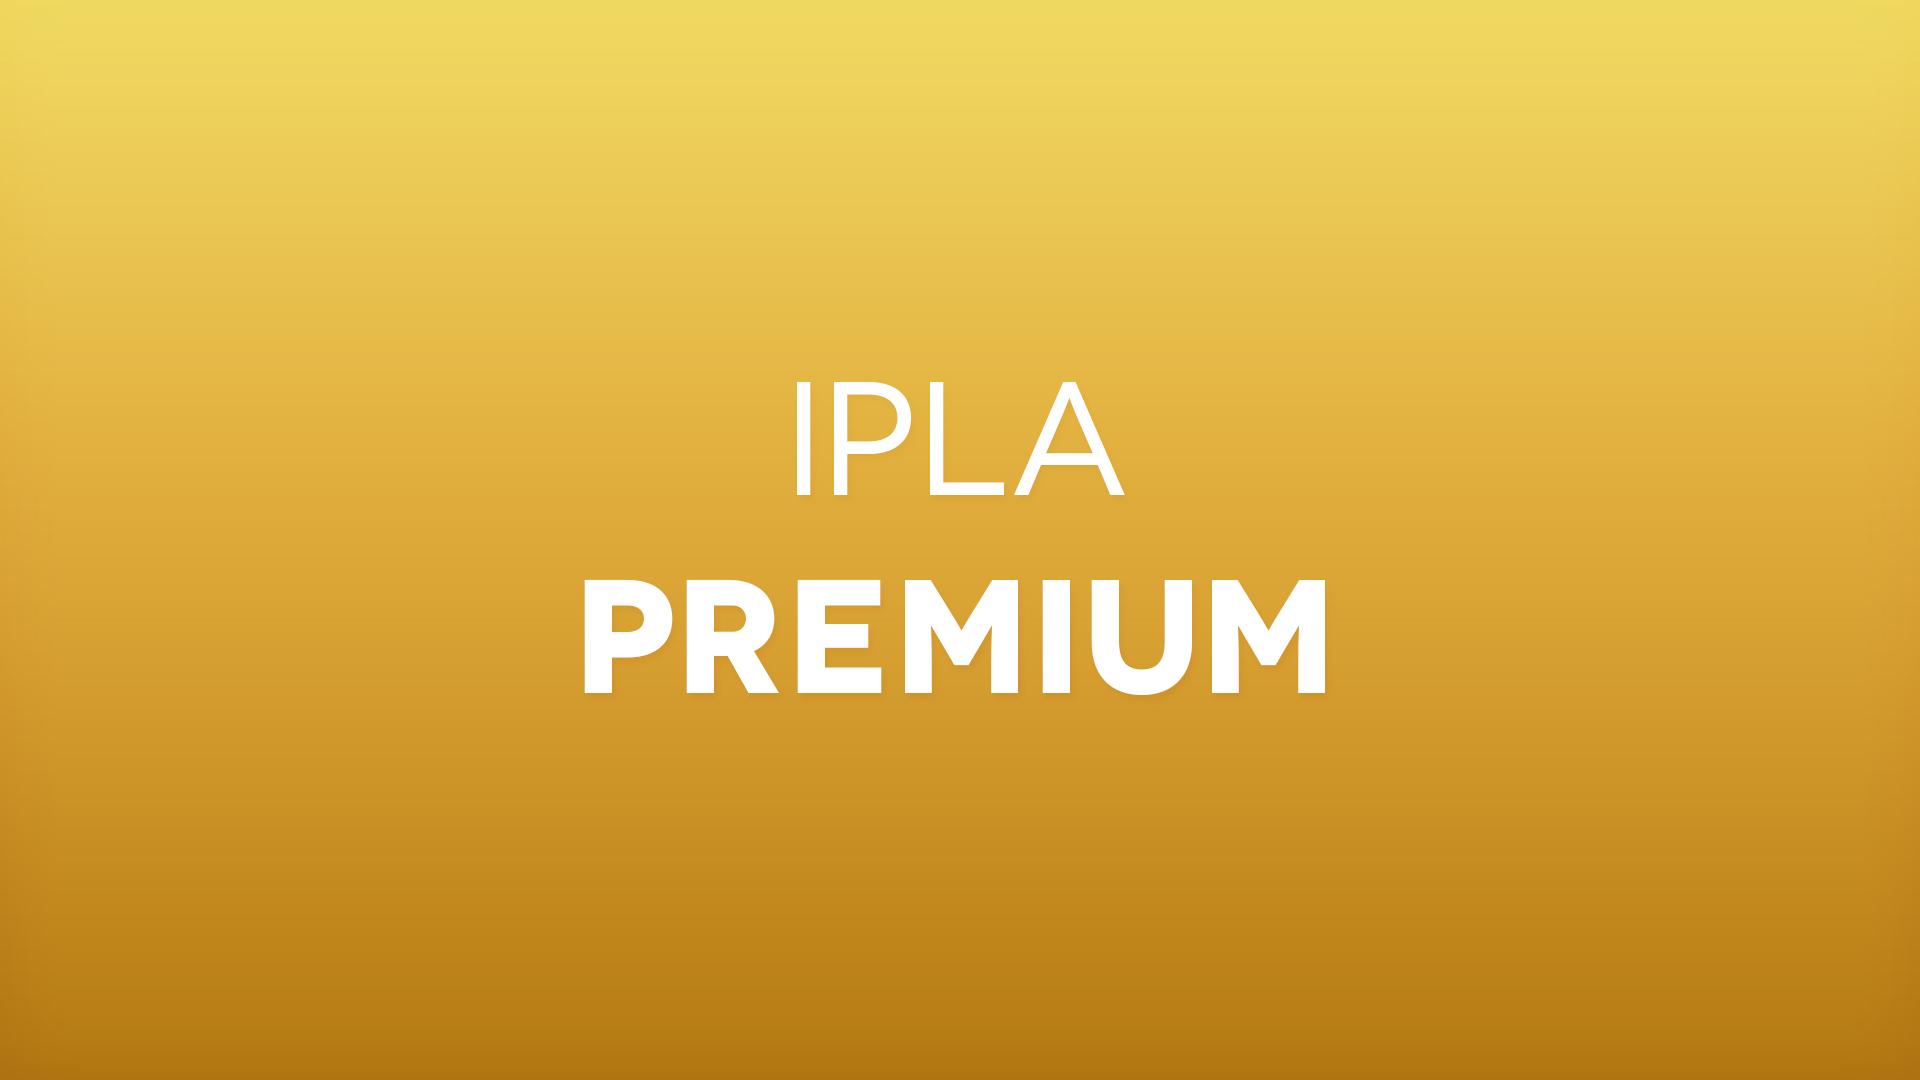 IPLA PREMIUM